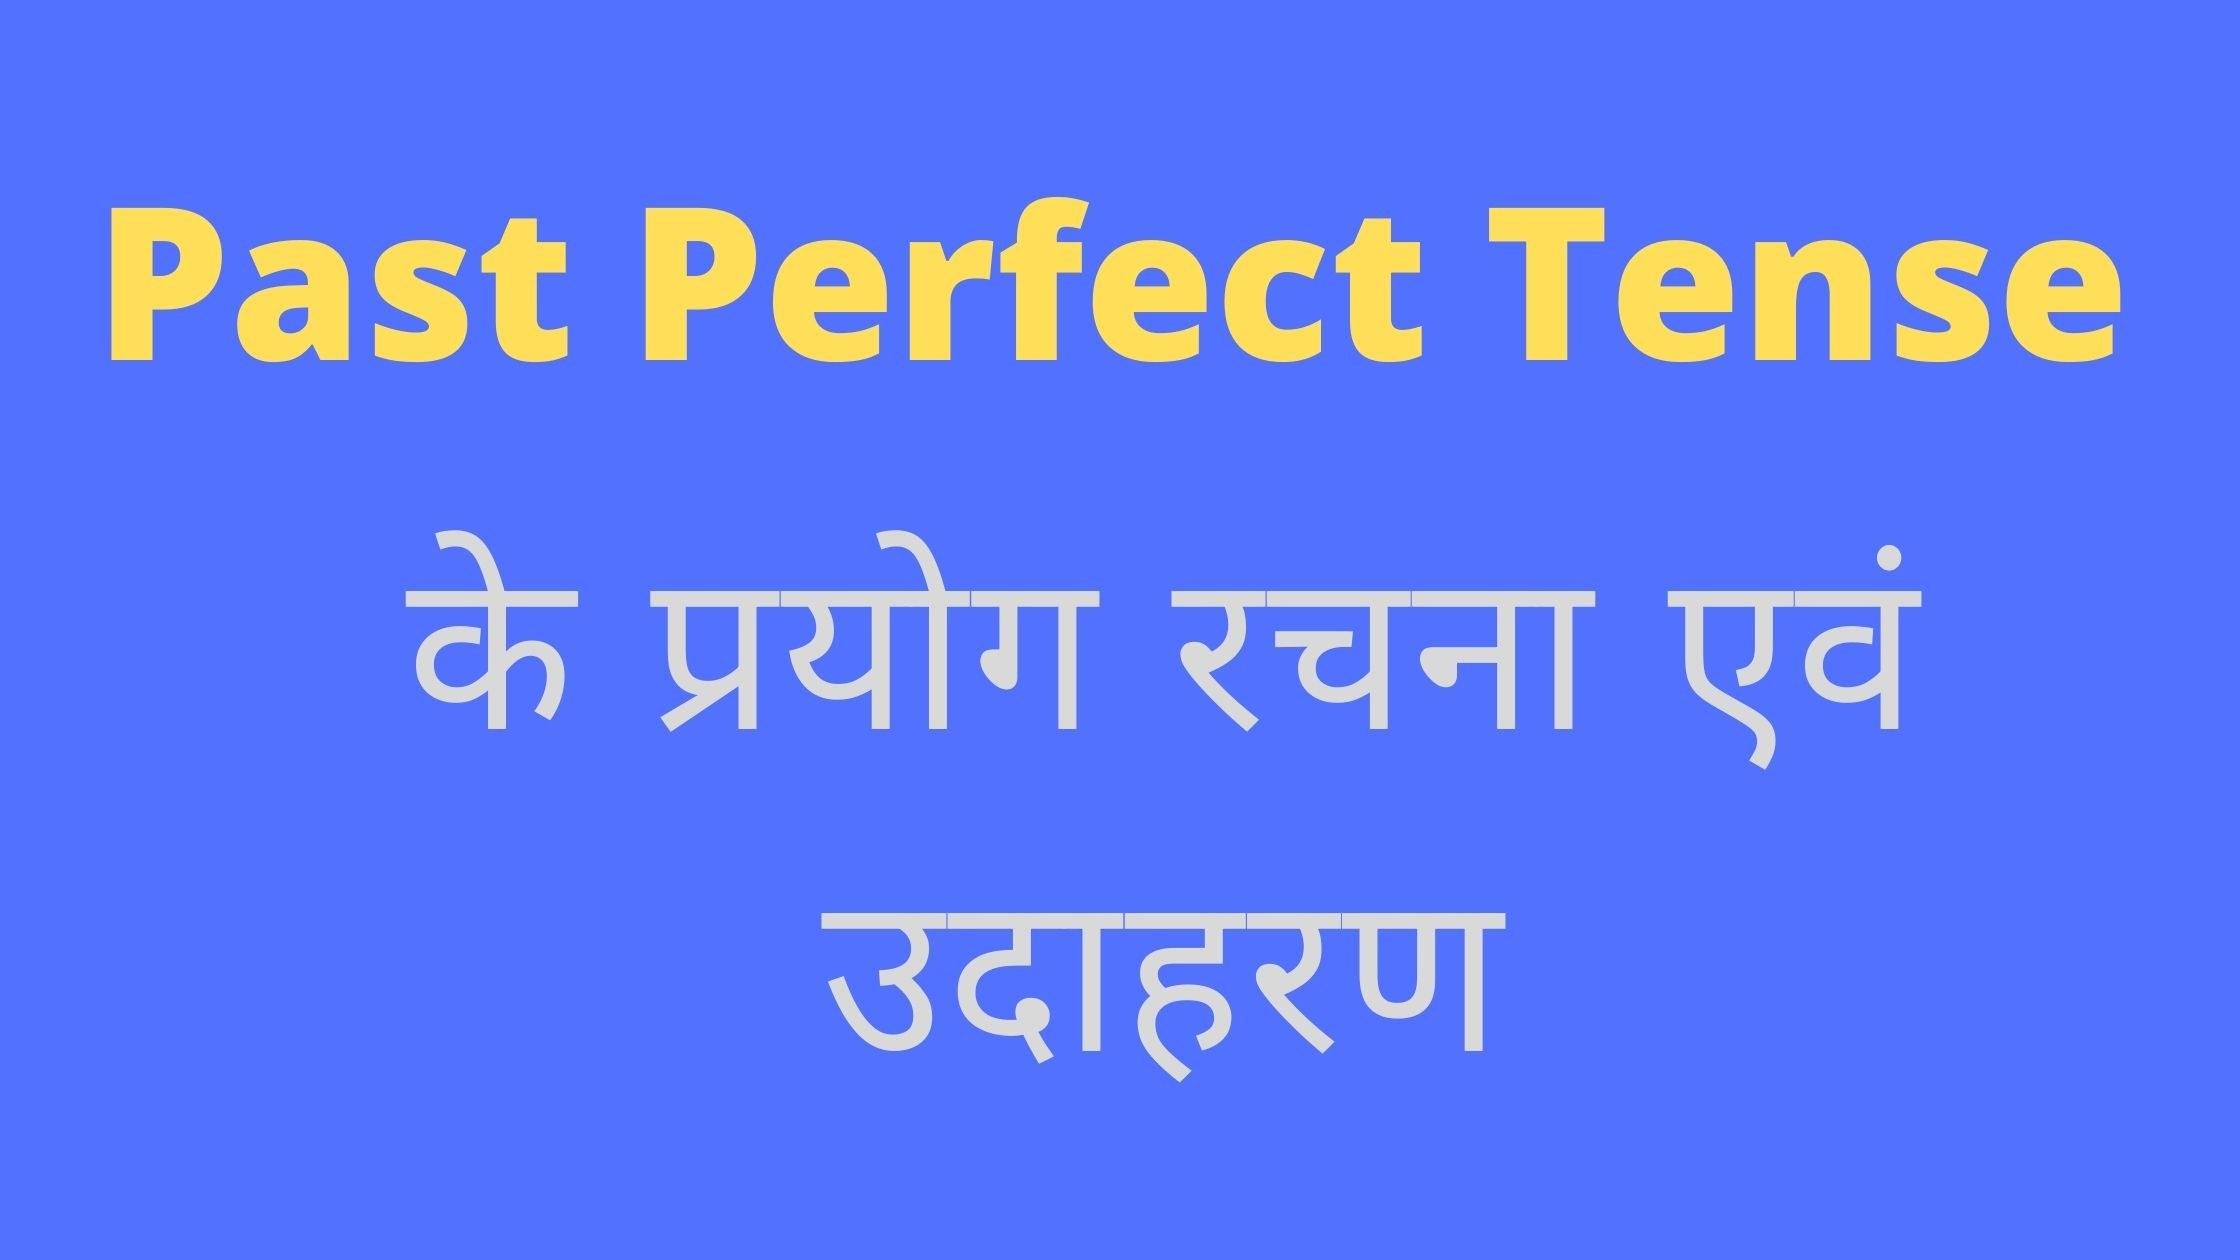 Past Perfect Tense के प्रयोग रचना एवं उदाहरण